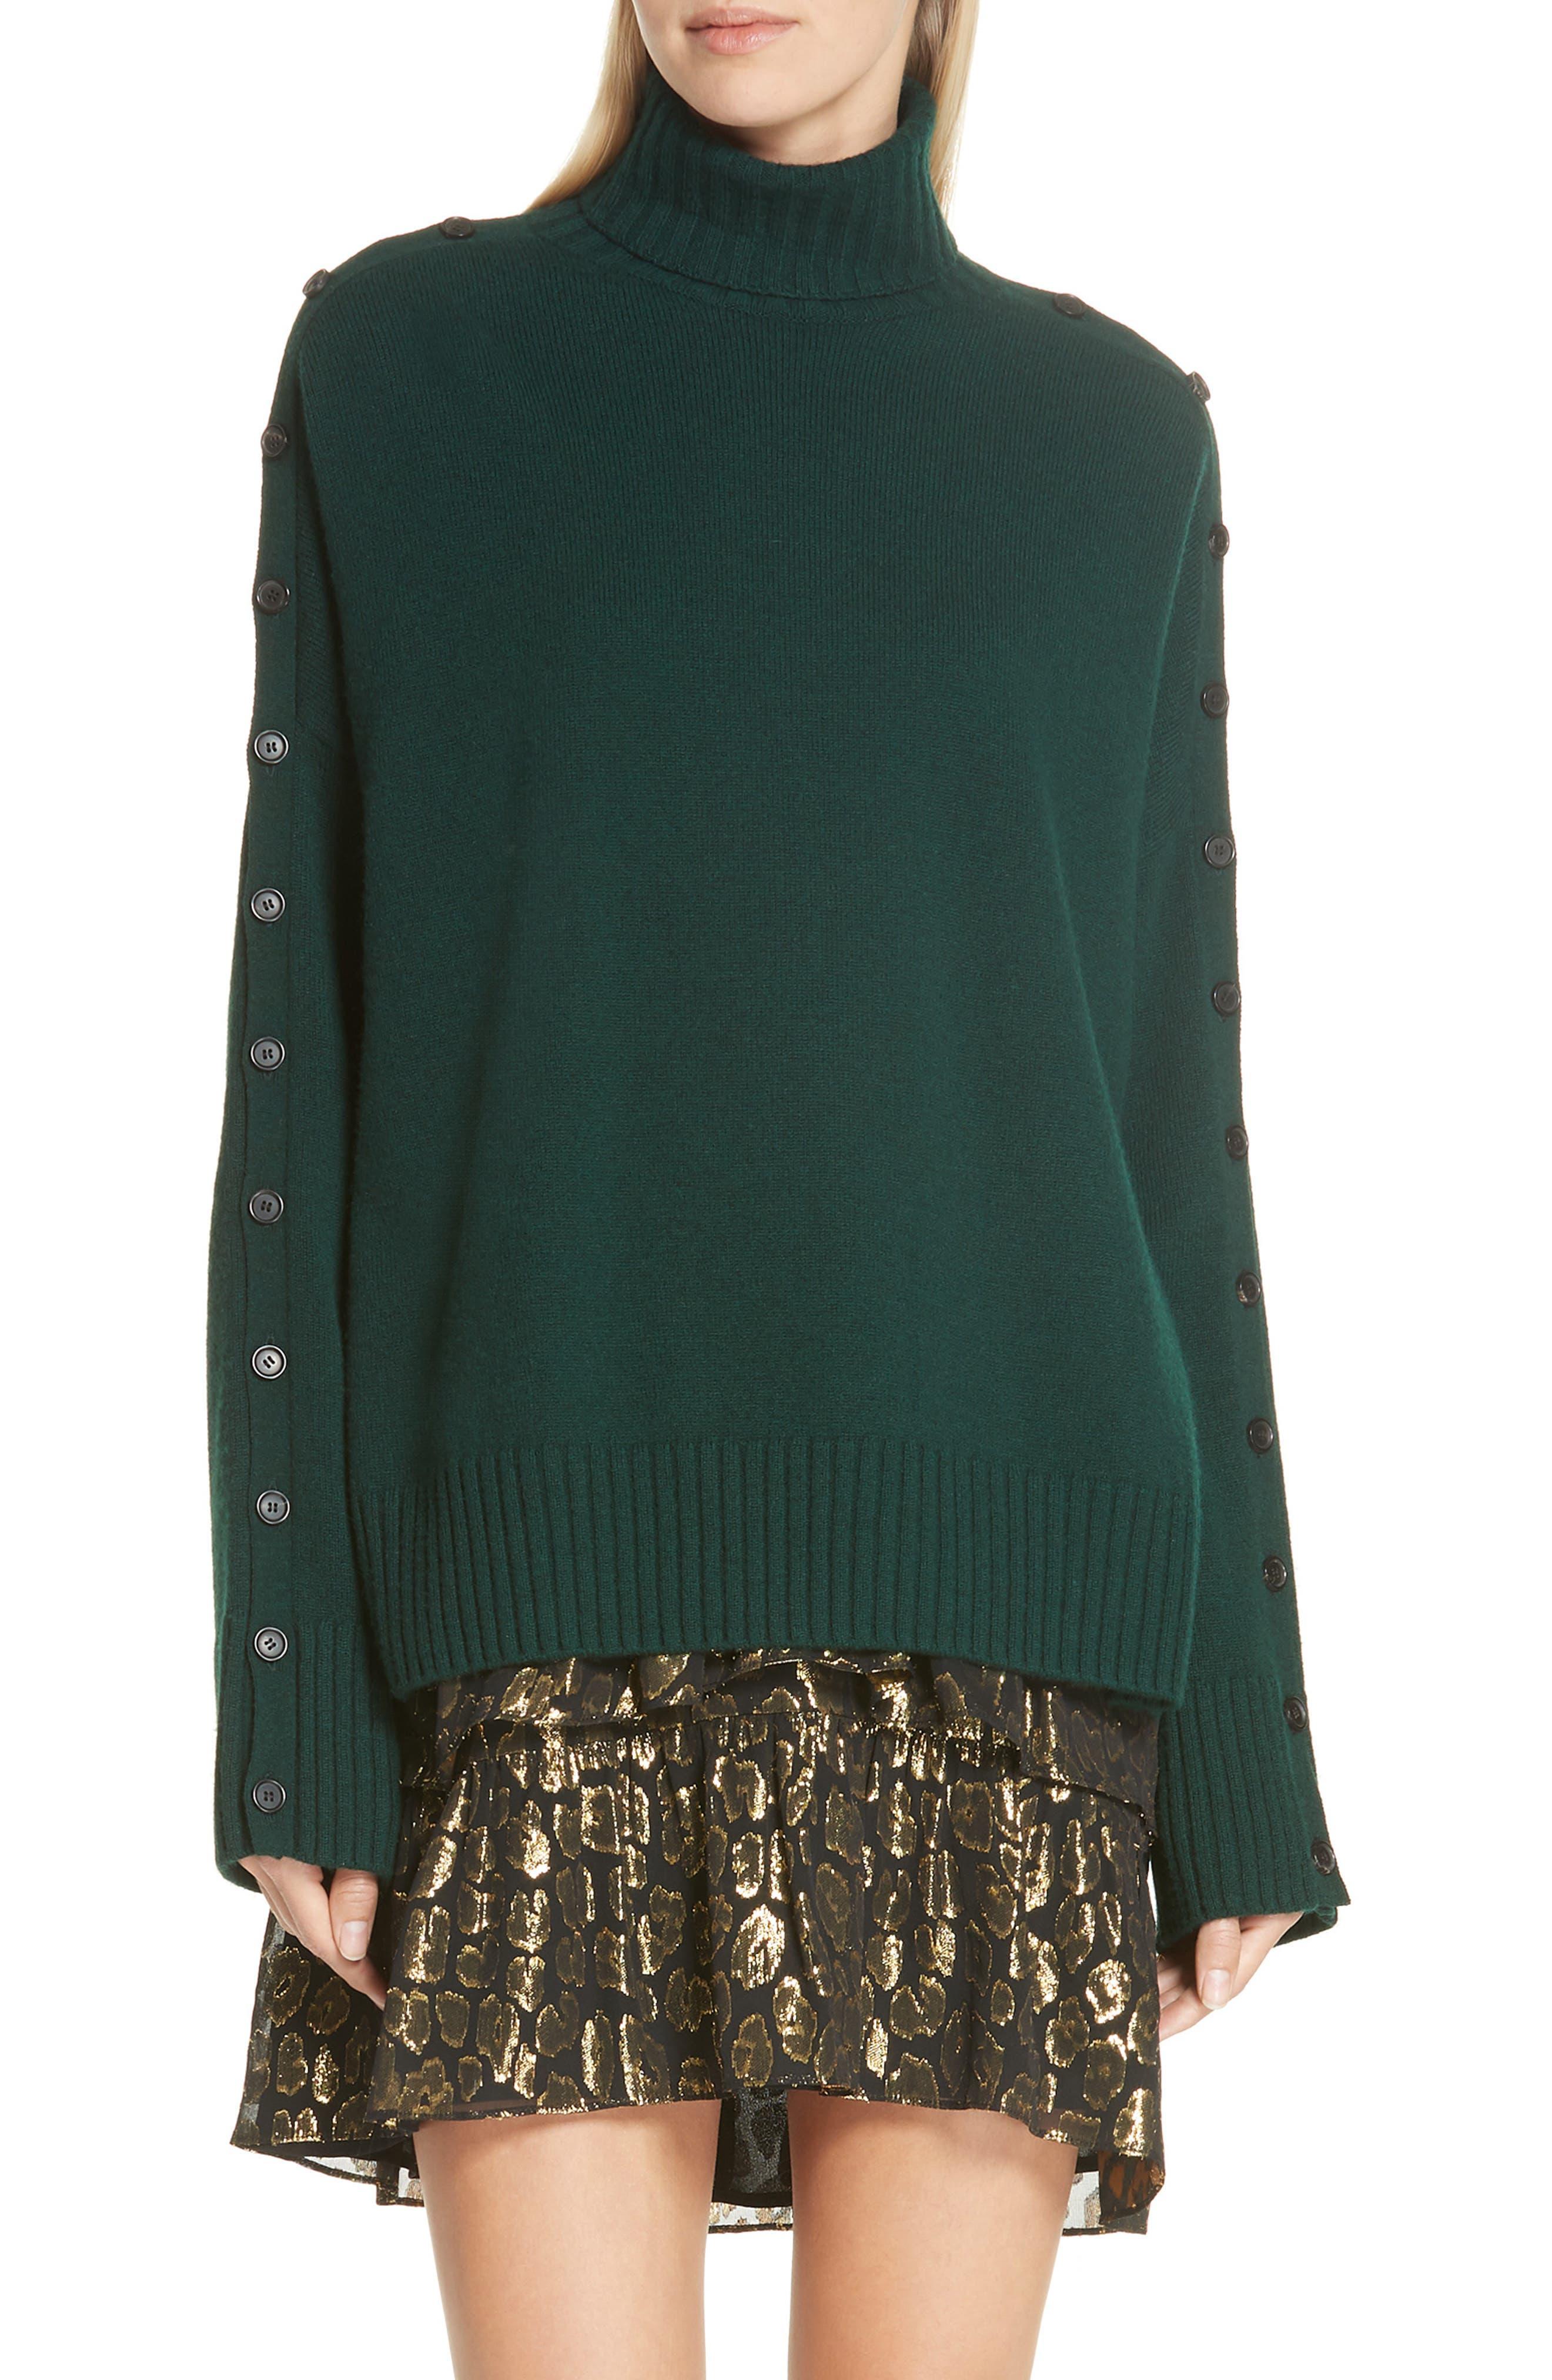 A.l.c. Crosley Merino Wool Turtleneck Sweater, Green